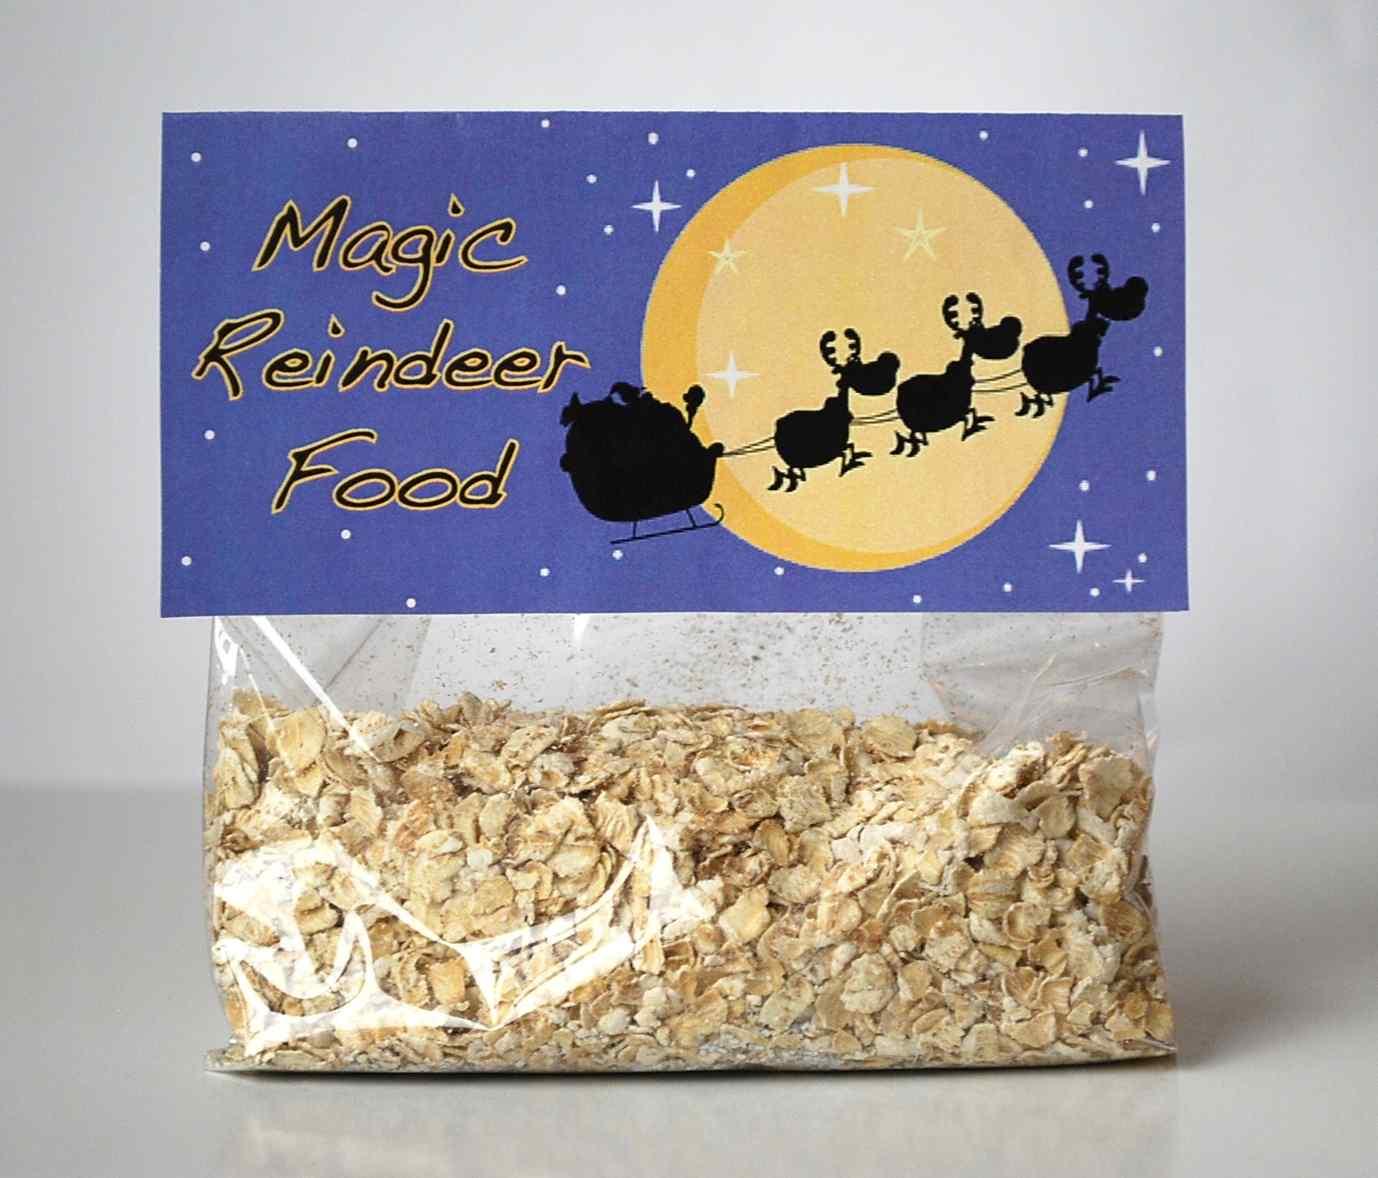 The Moody Fashionista: Magic Reindeer Food